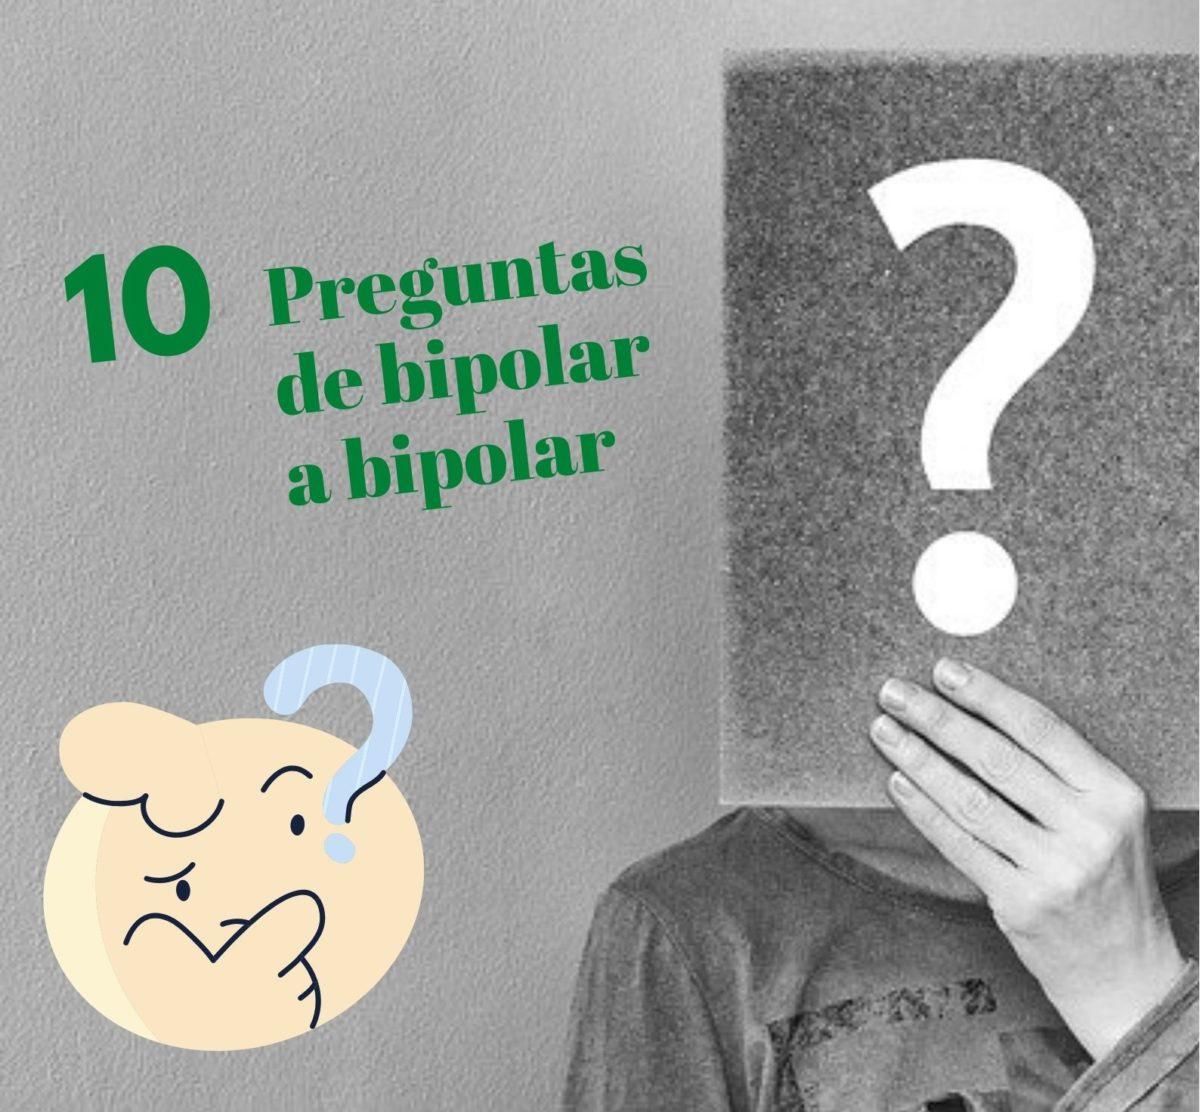 ? preguntas de bipolar a bipolar ?❓